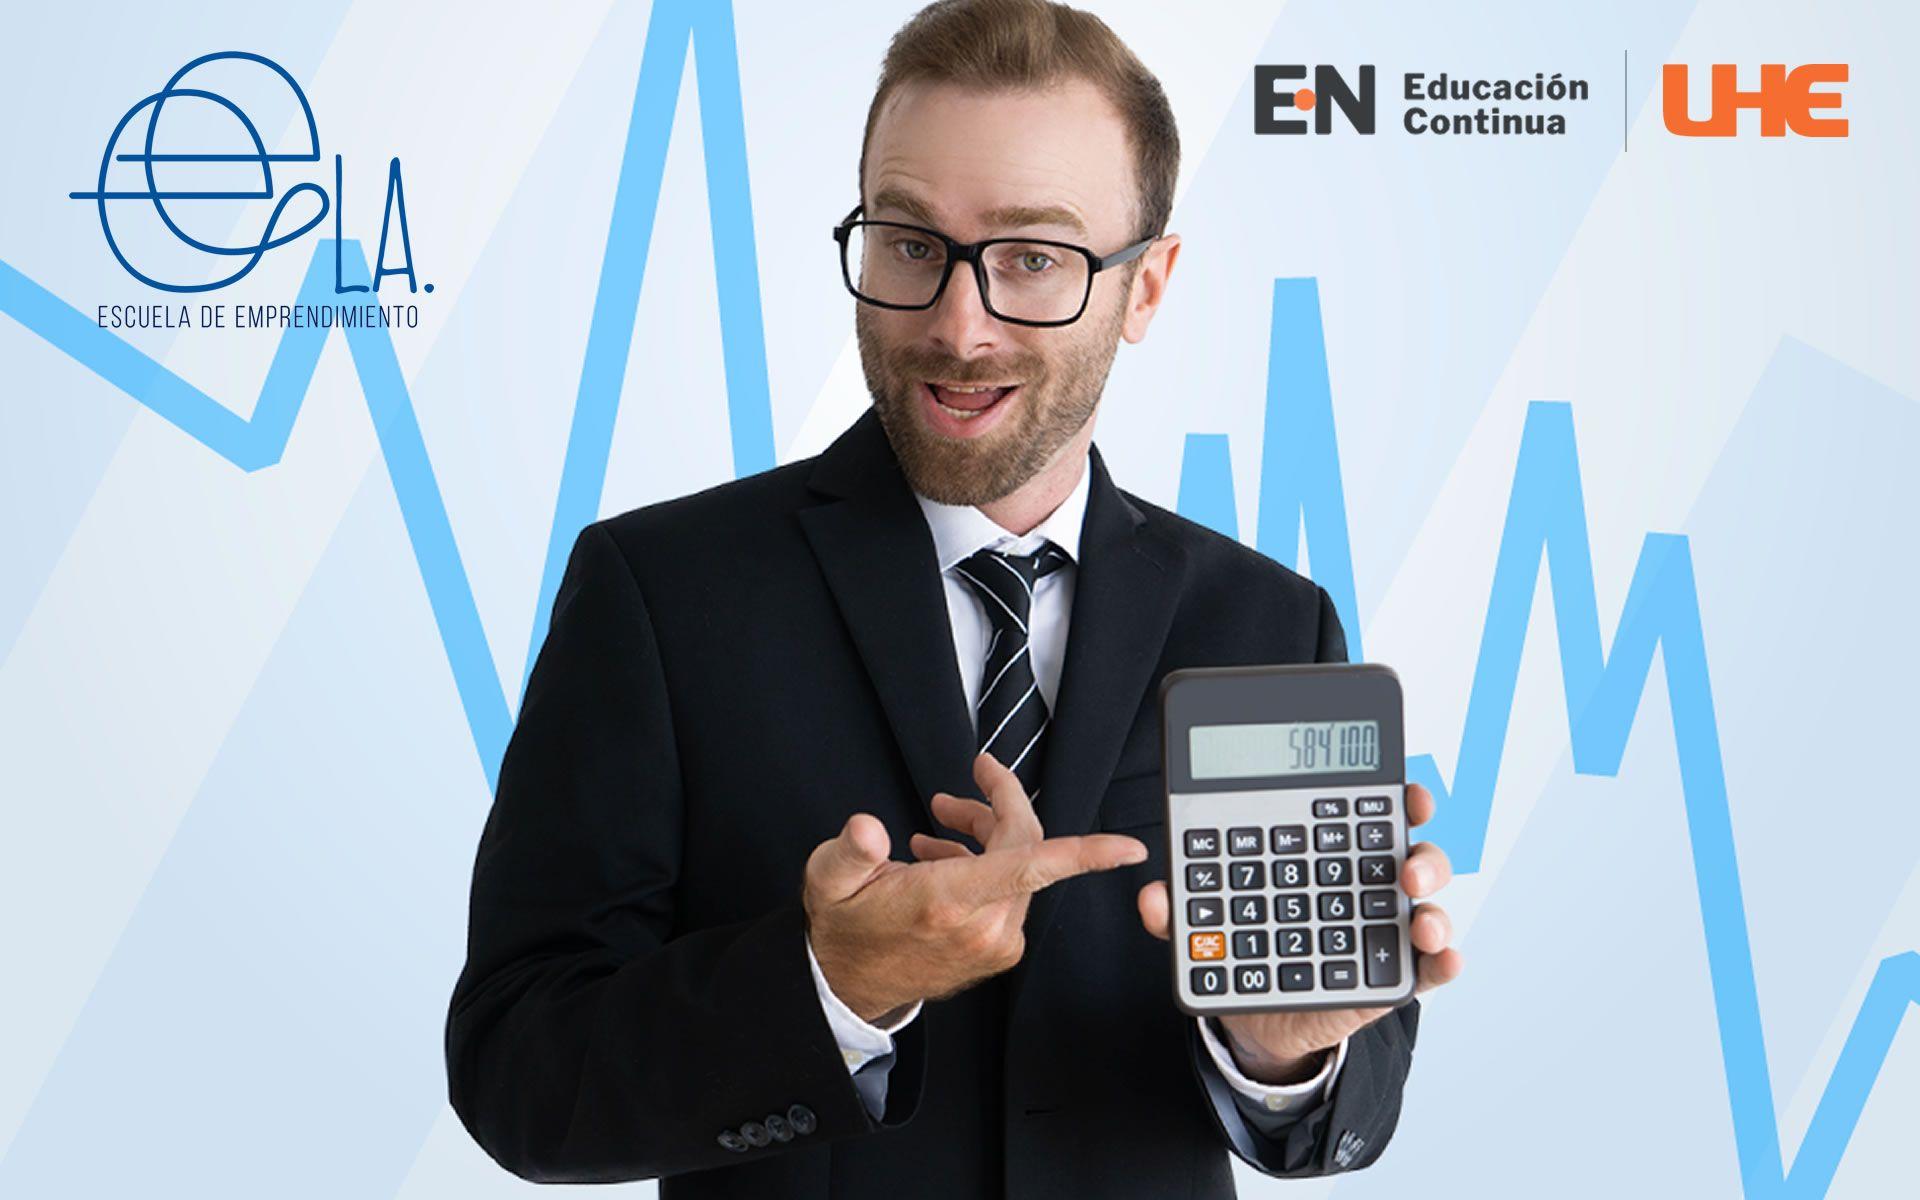 Programa de Finanzas para PYMES y Emprendedores (Online)